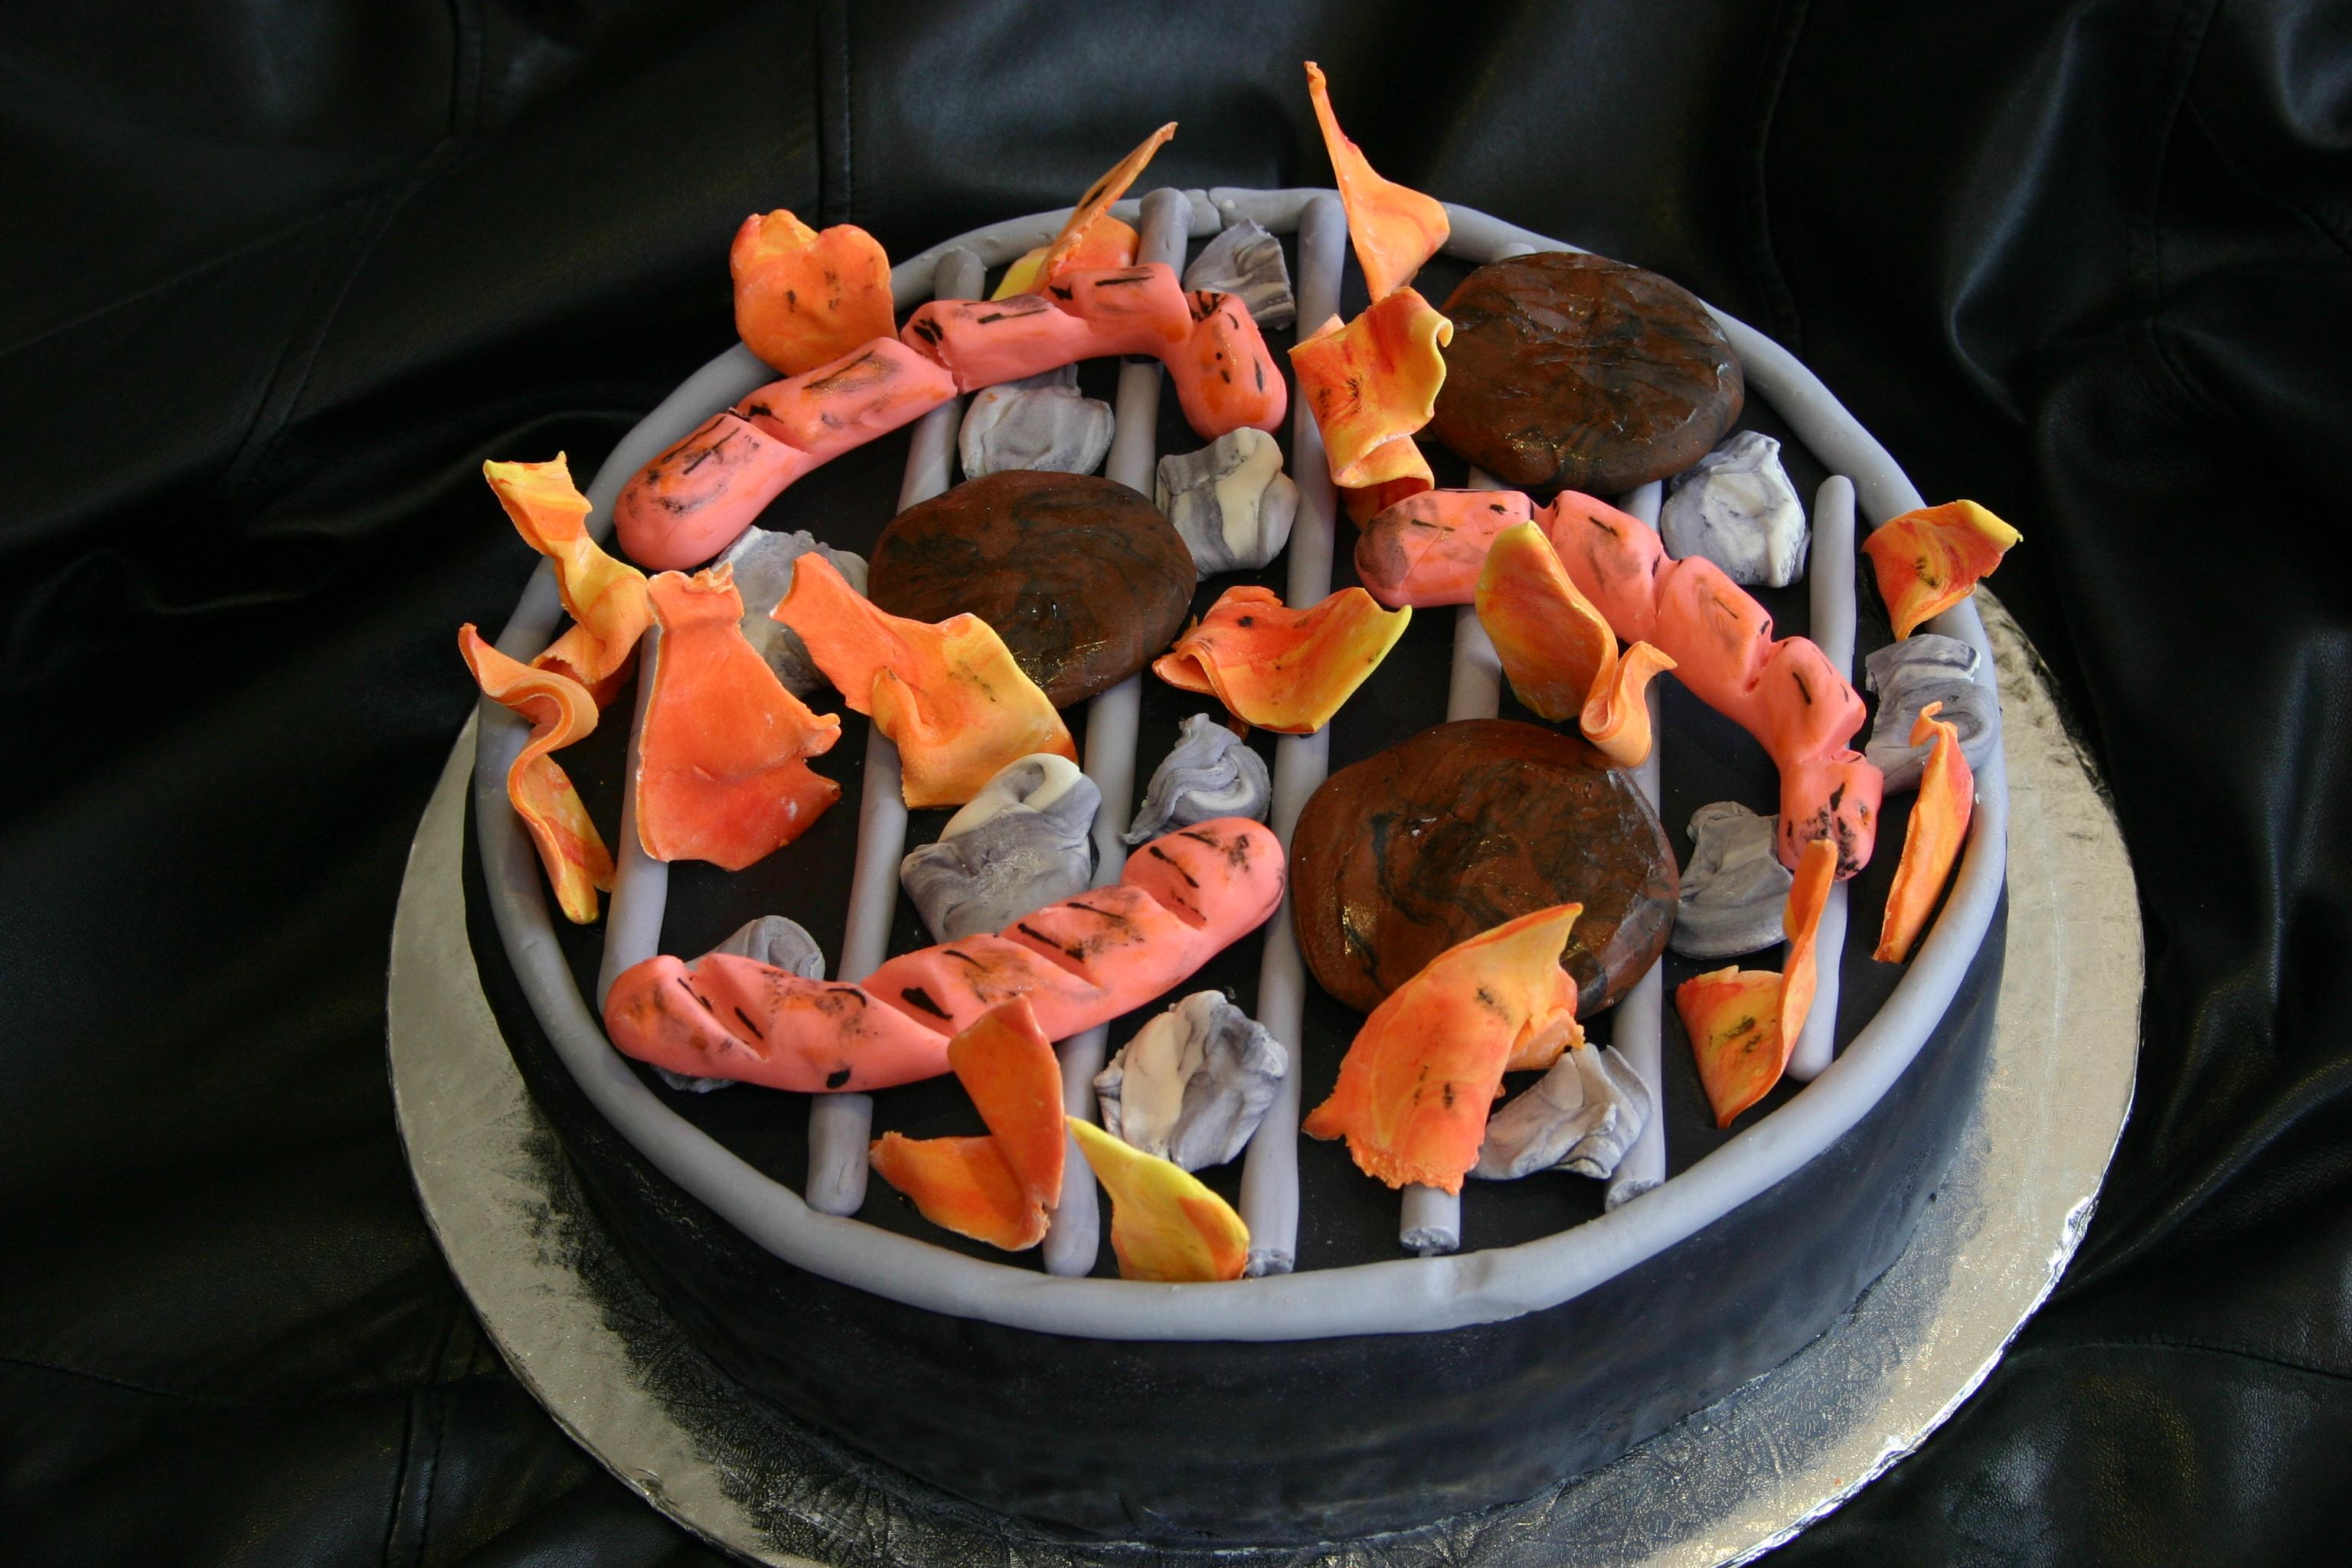 Israel Amp Judaica Cakes Temptationsisrael